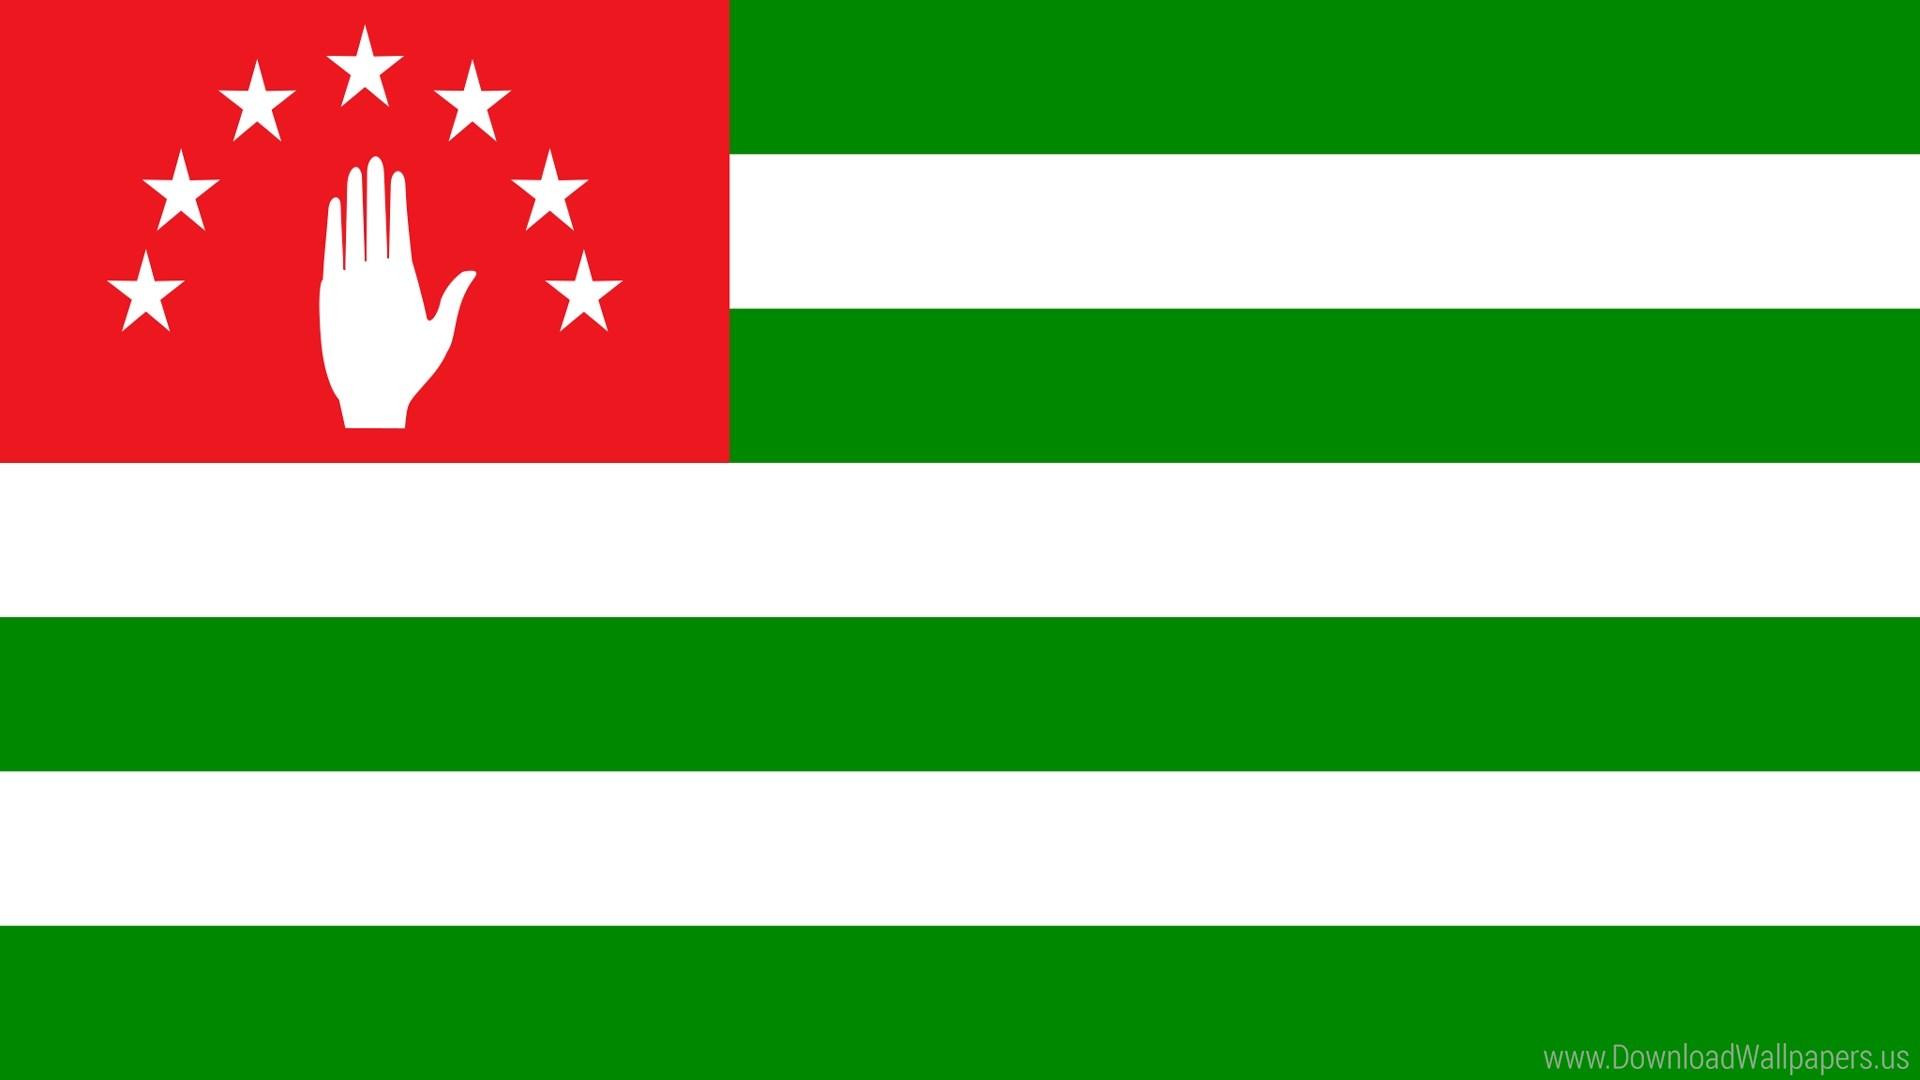 Hangi eyalette beyaz-yeşil-kırmızı bayrak var Bayrağın renkleri ne anlama geliyor